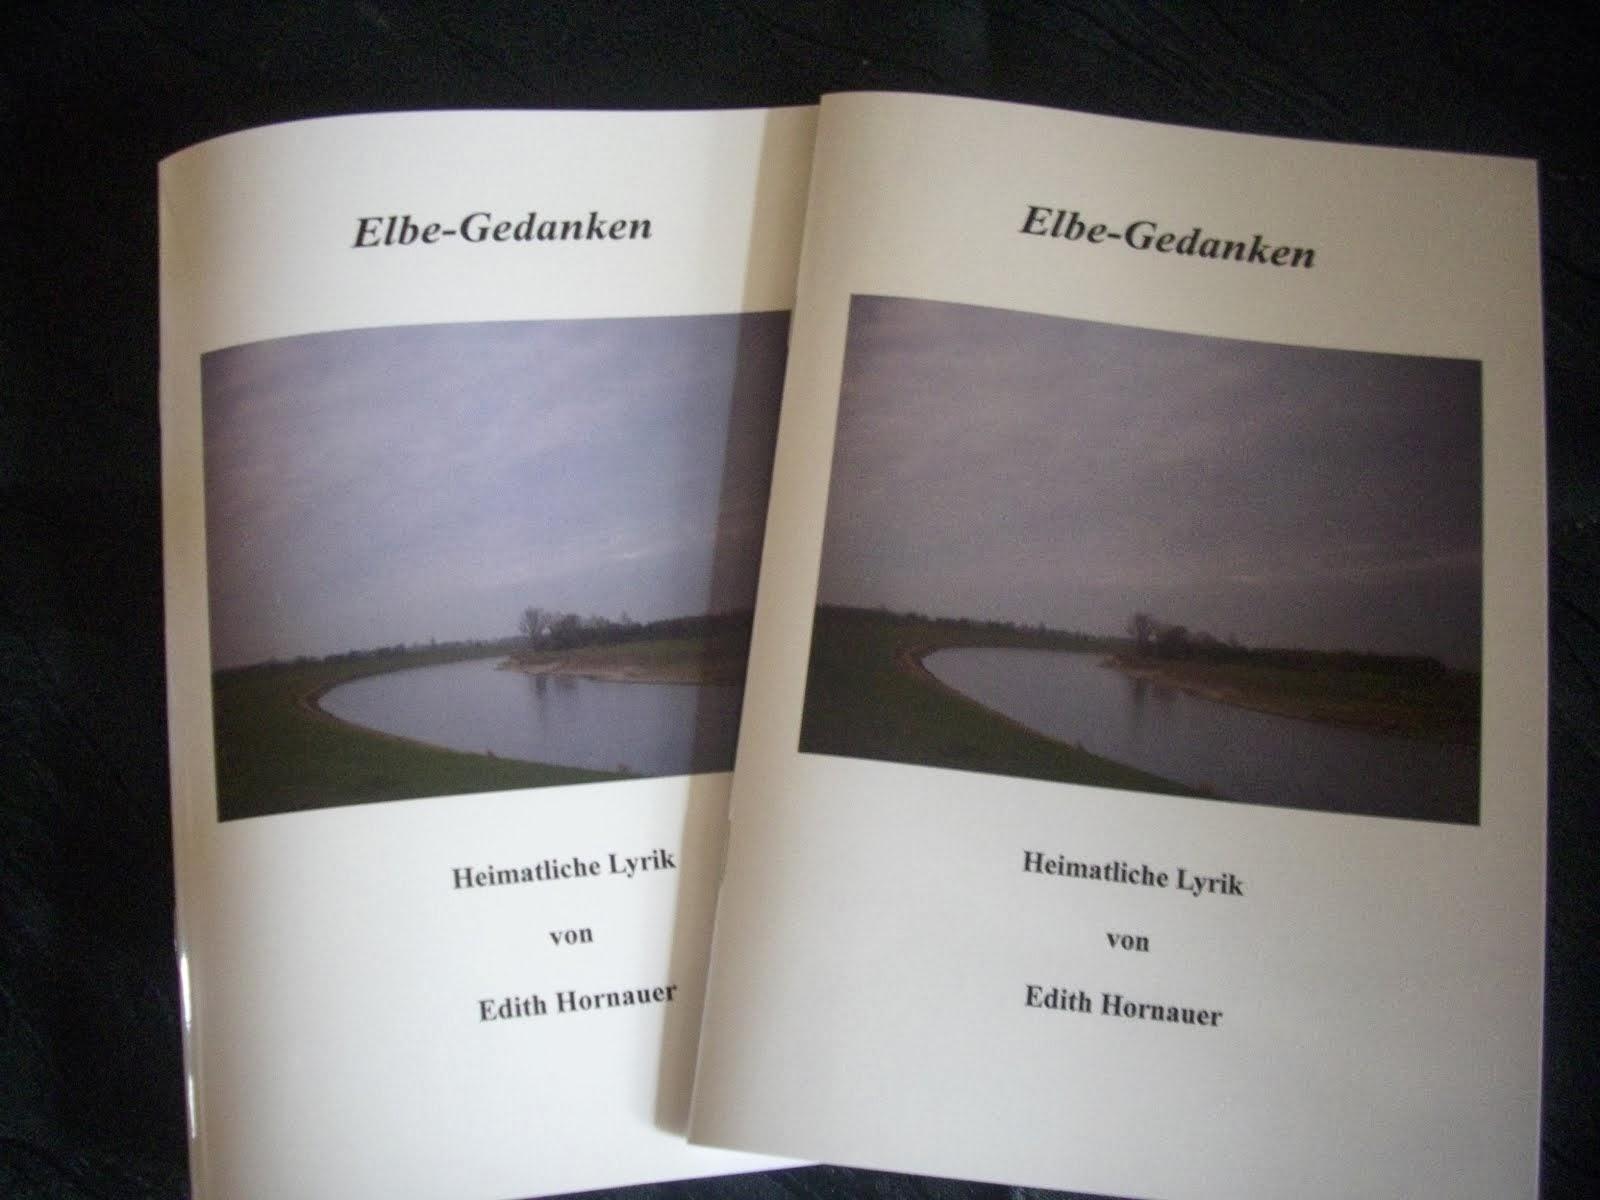 Elbe-Gedanken